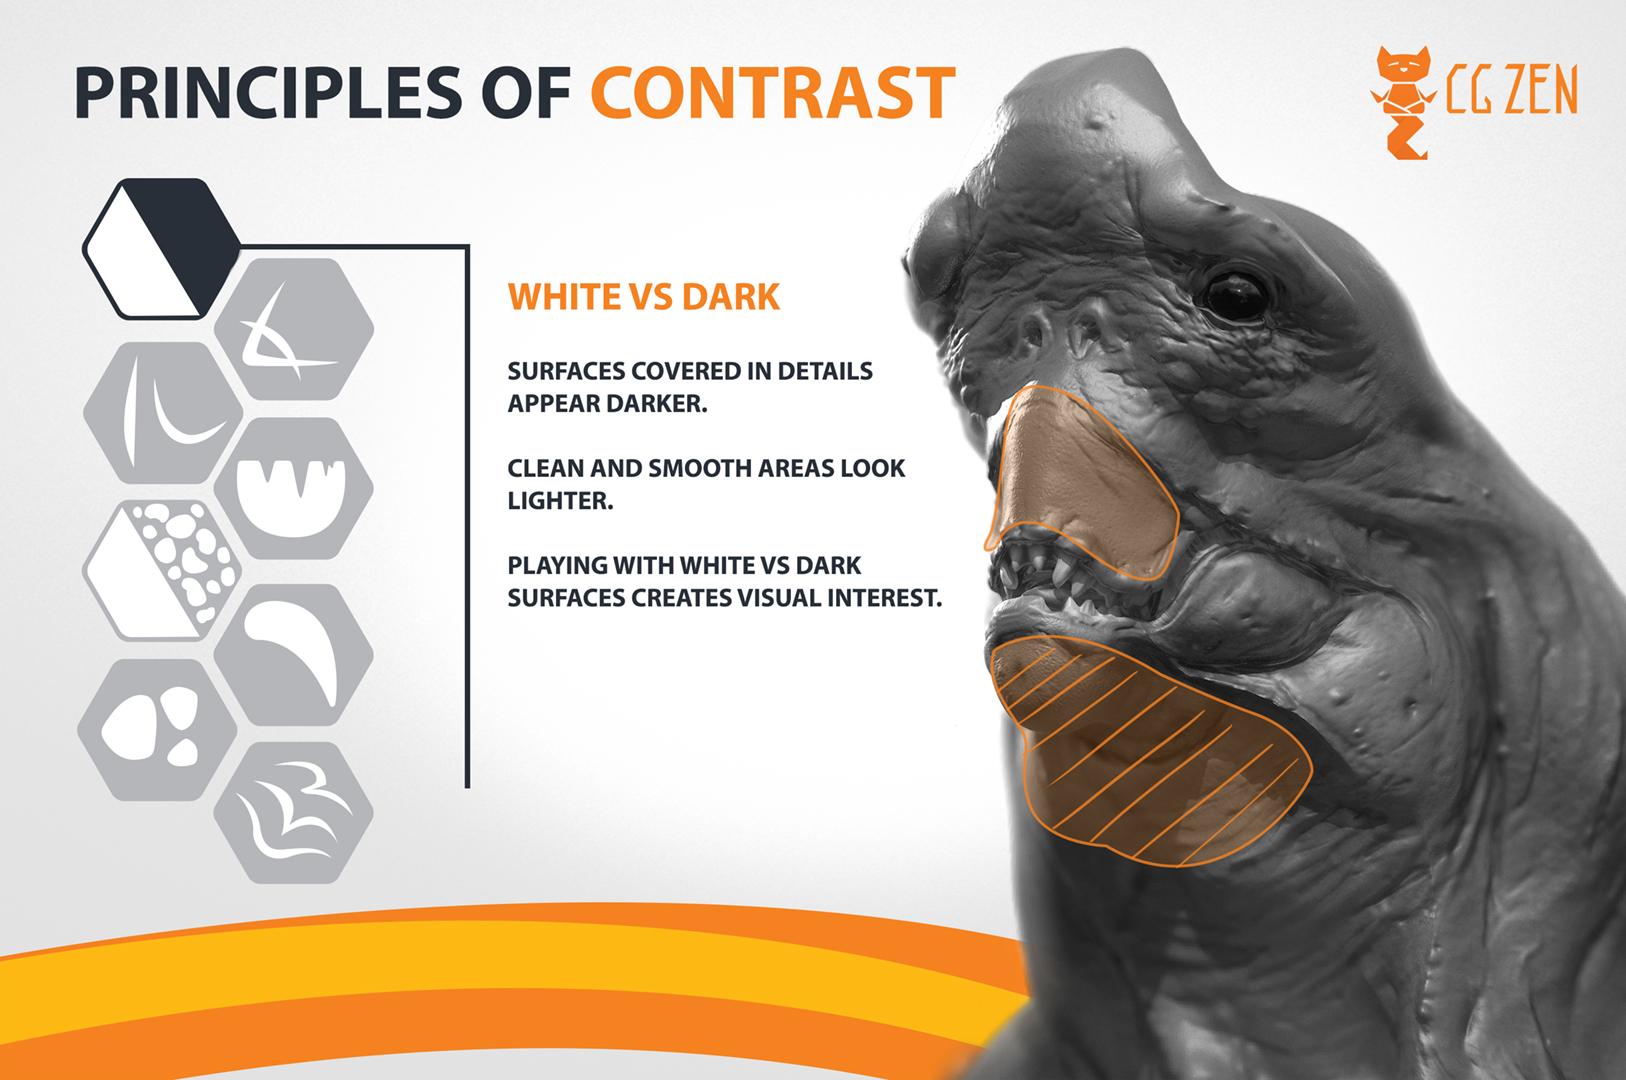 09-contrast-design-light-vs-dark-cgzen-EN